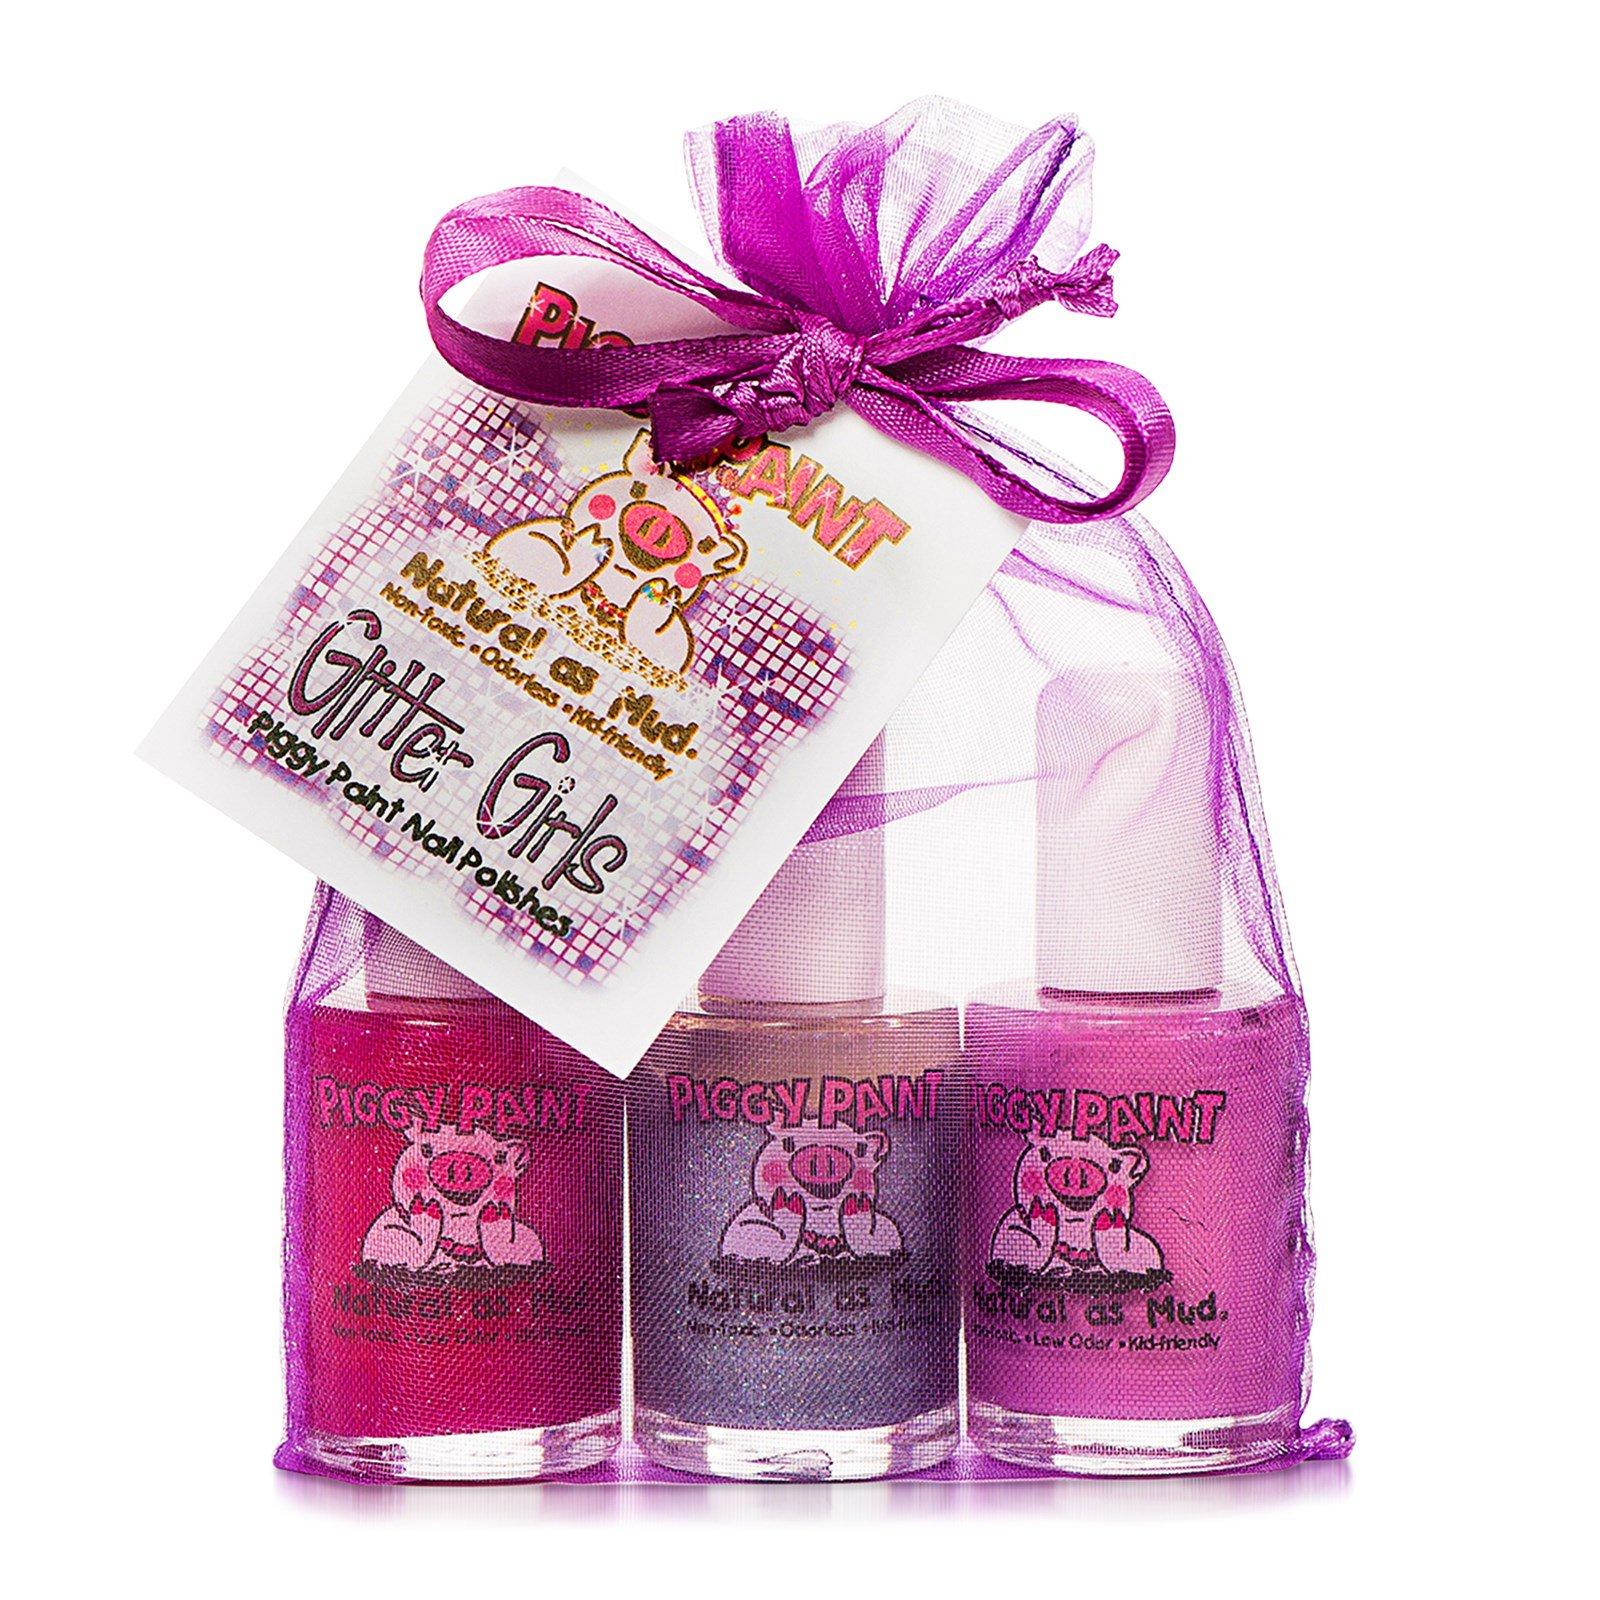 Piggy Paint, Лаки для ногтей, подарочный набор Glitter Girls, 3 флакона, 0,5 жидкой унции (15 мл) каждый